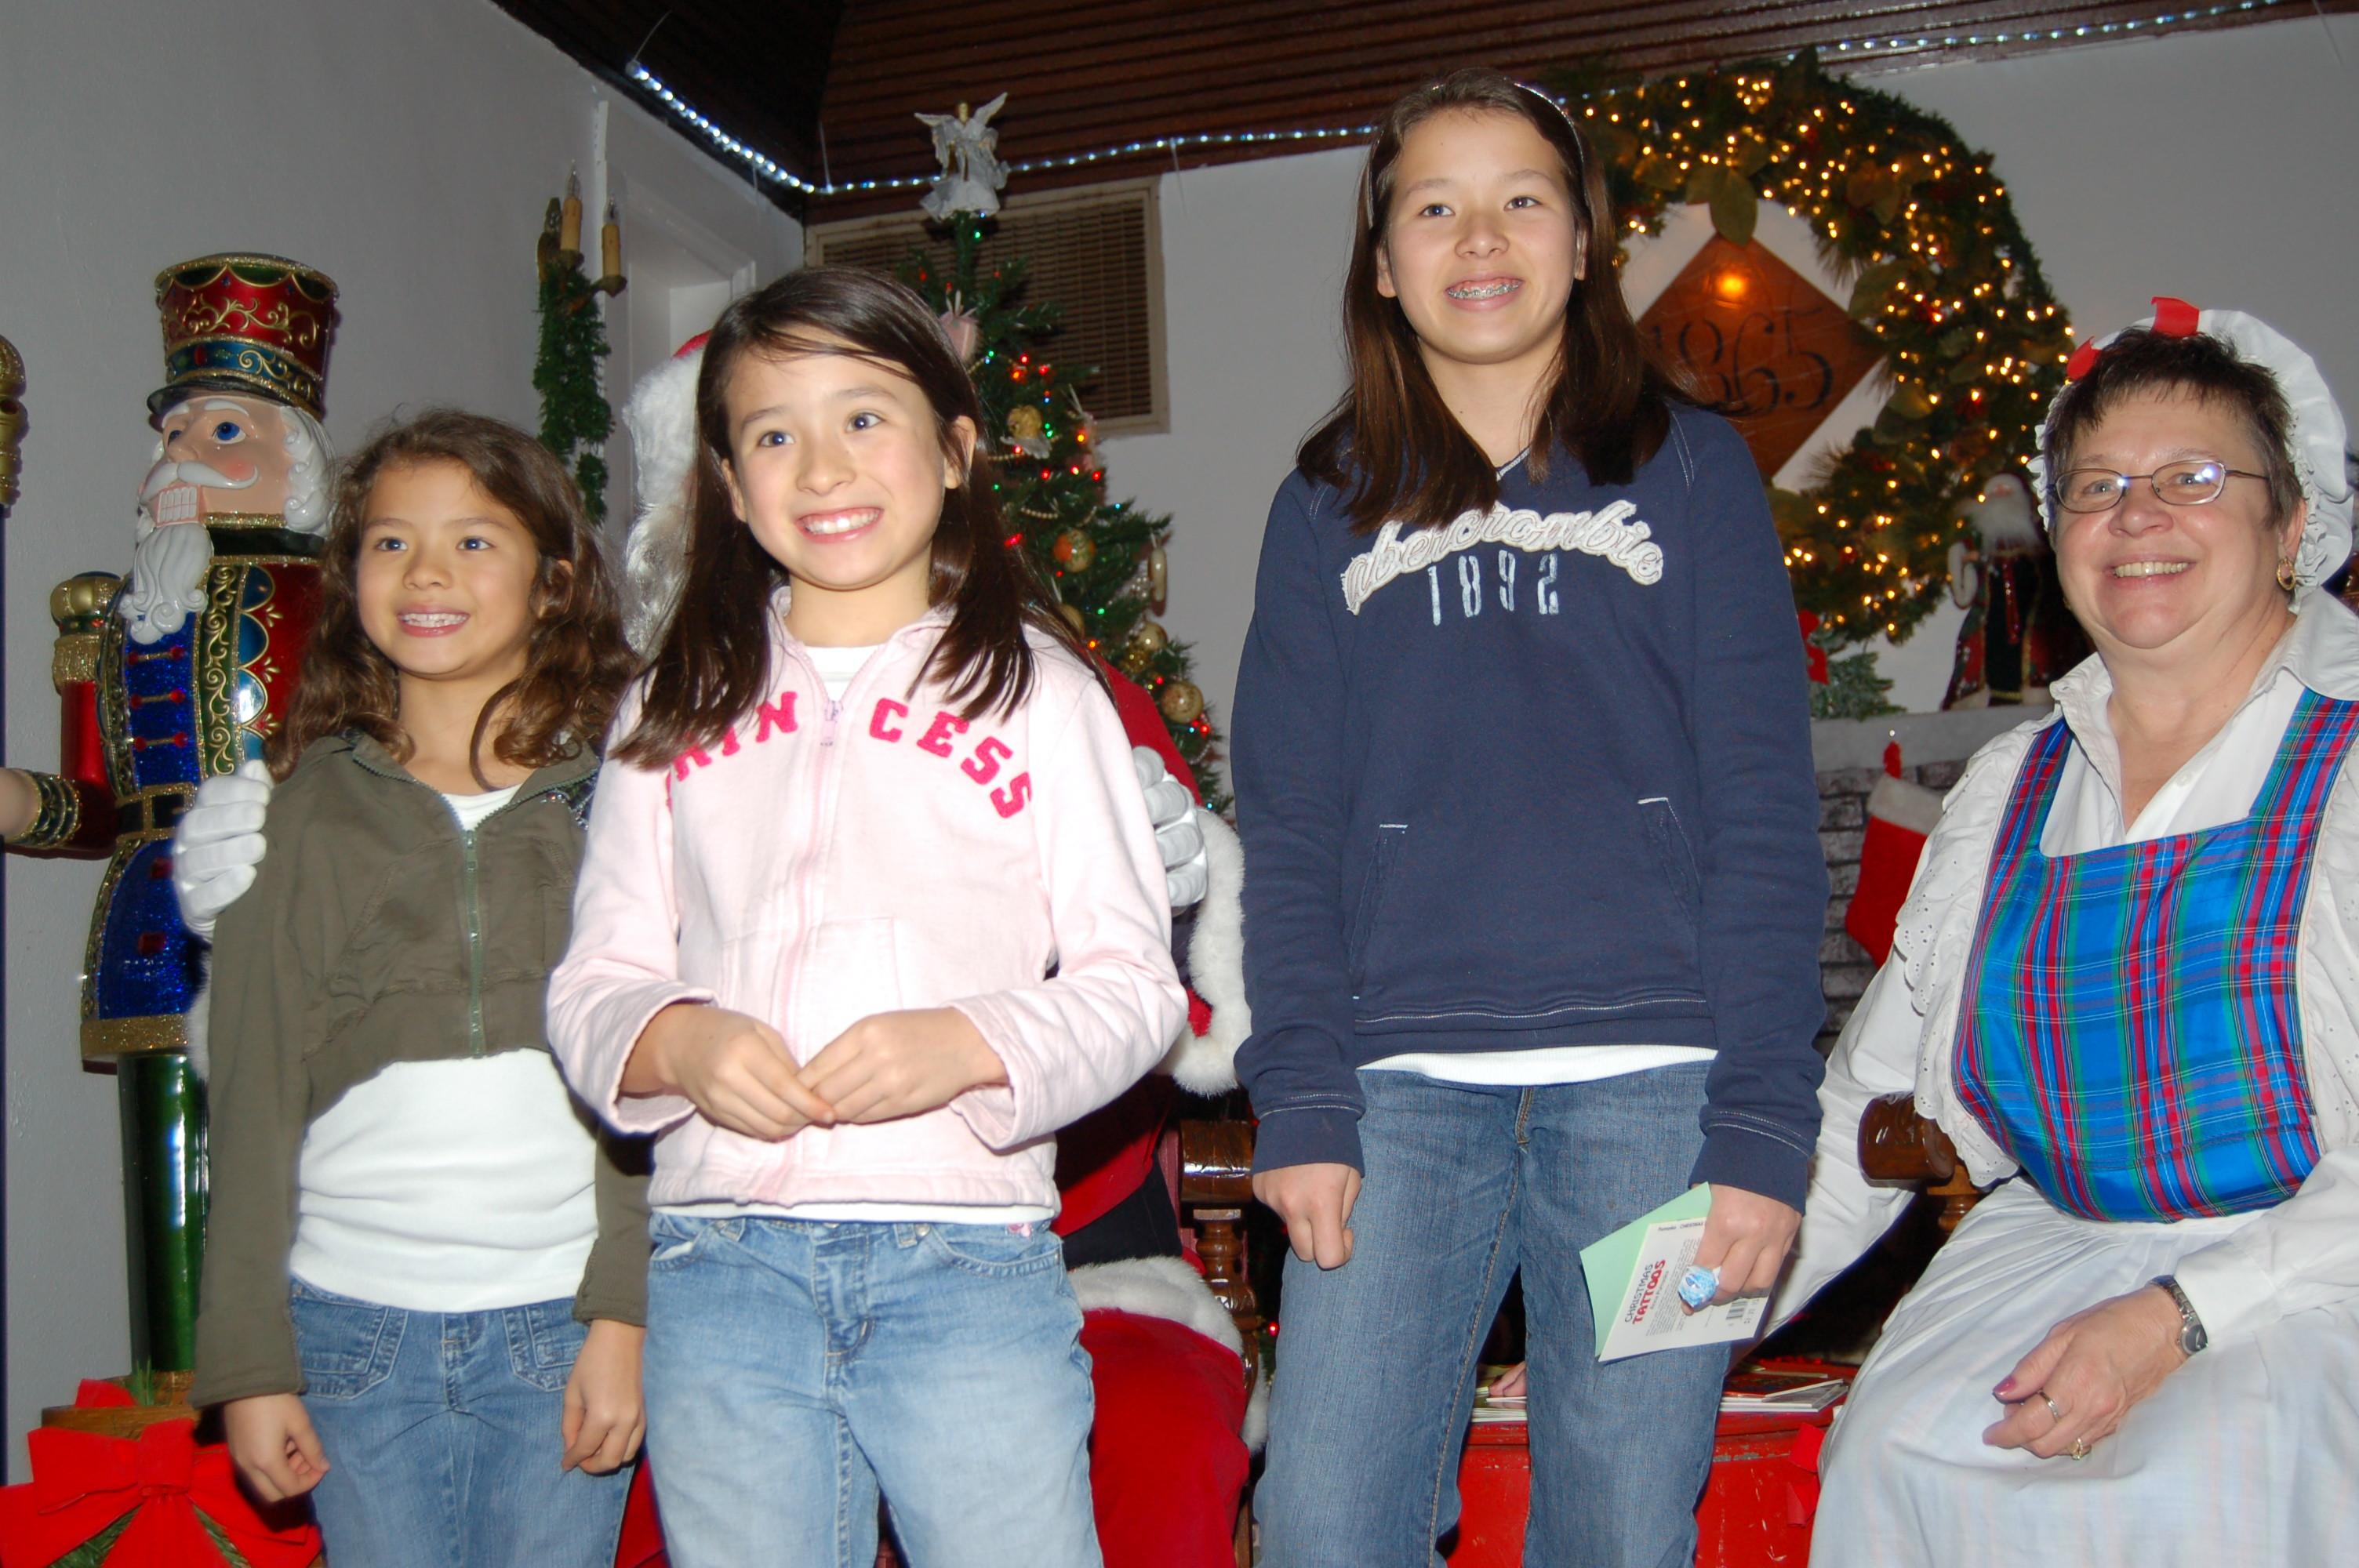 LolliPop+Lane+12-11-2008+Picture+032.jpg